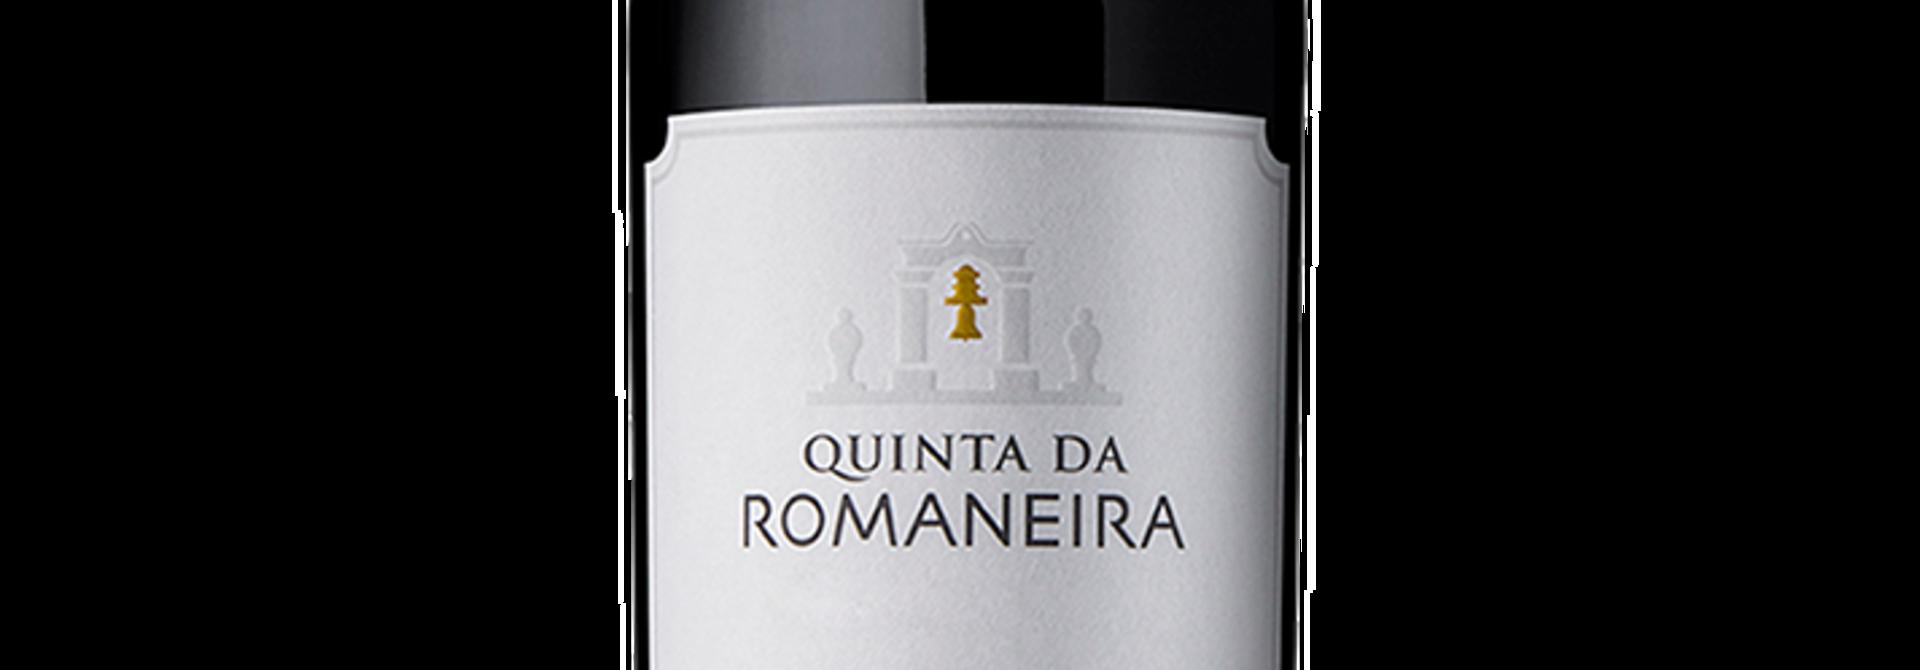 Quinta da Romaneira Douro Tinto 2014